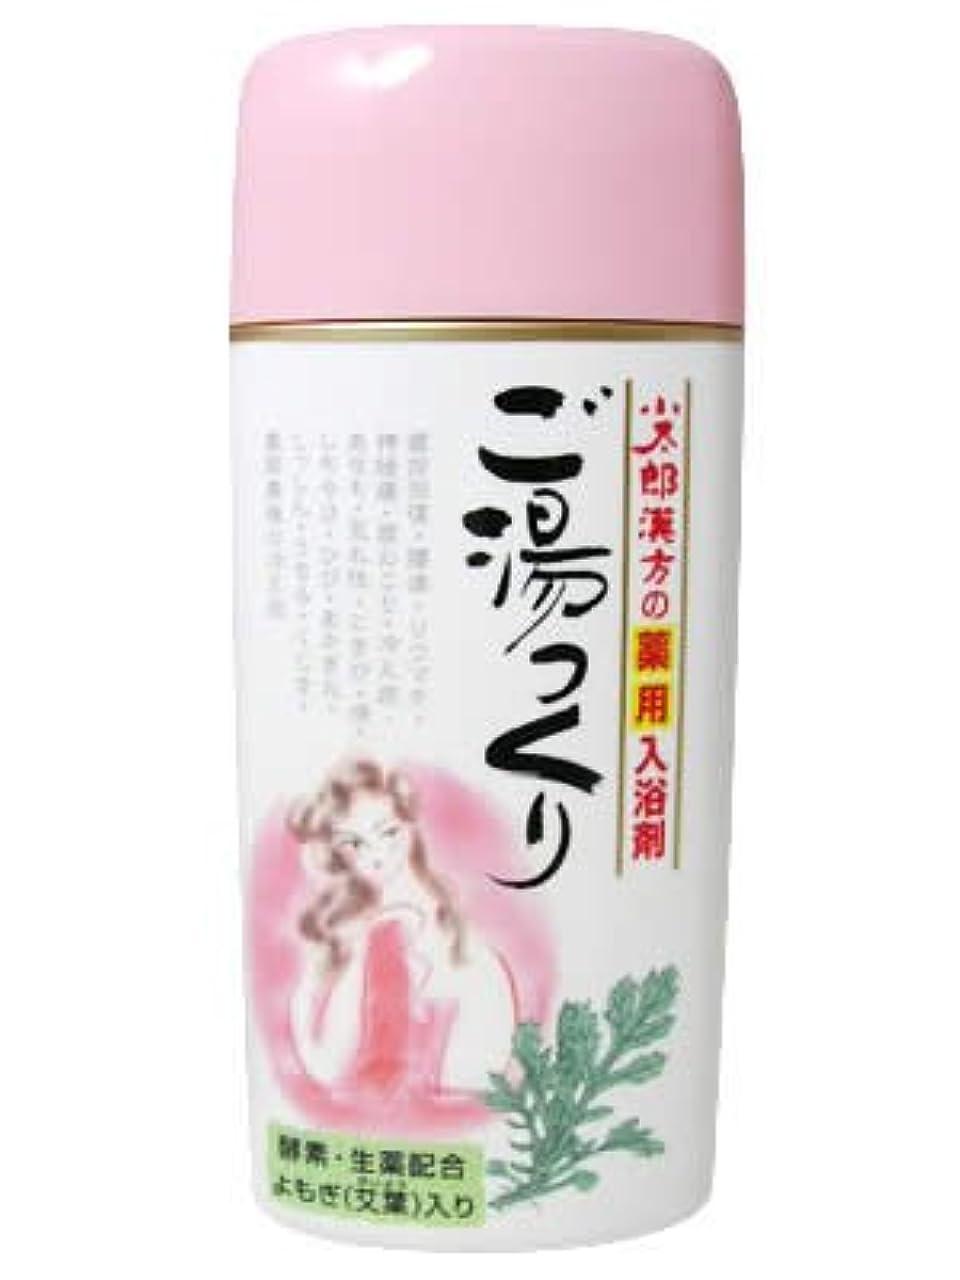 休戦小包鼻ご湯っくり 500g(入浴剤)